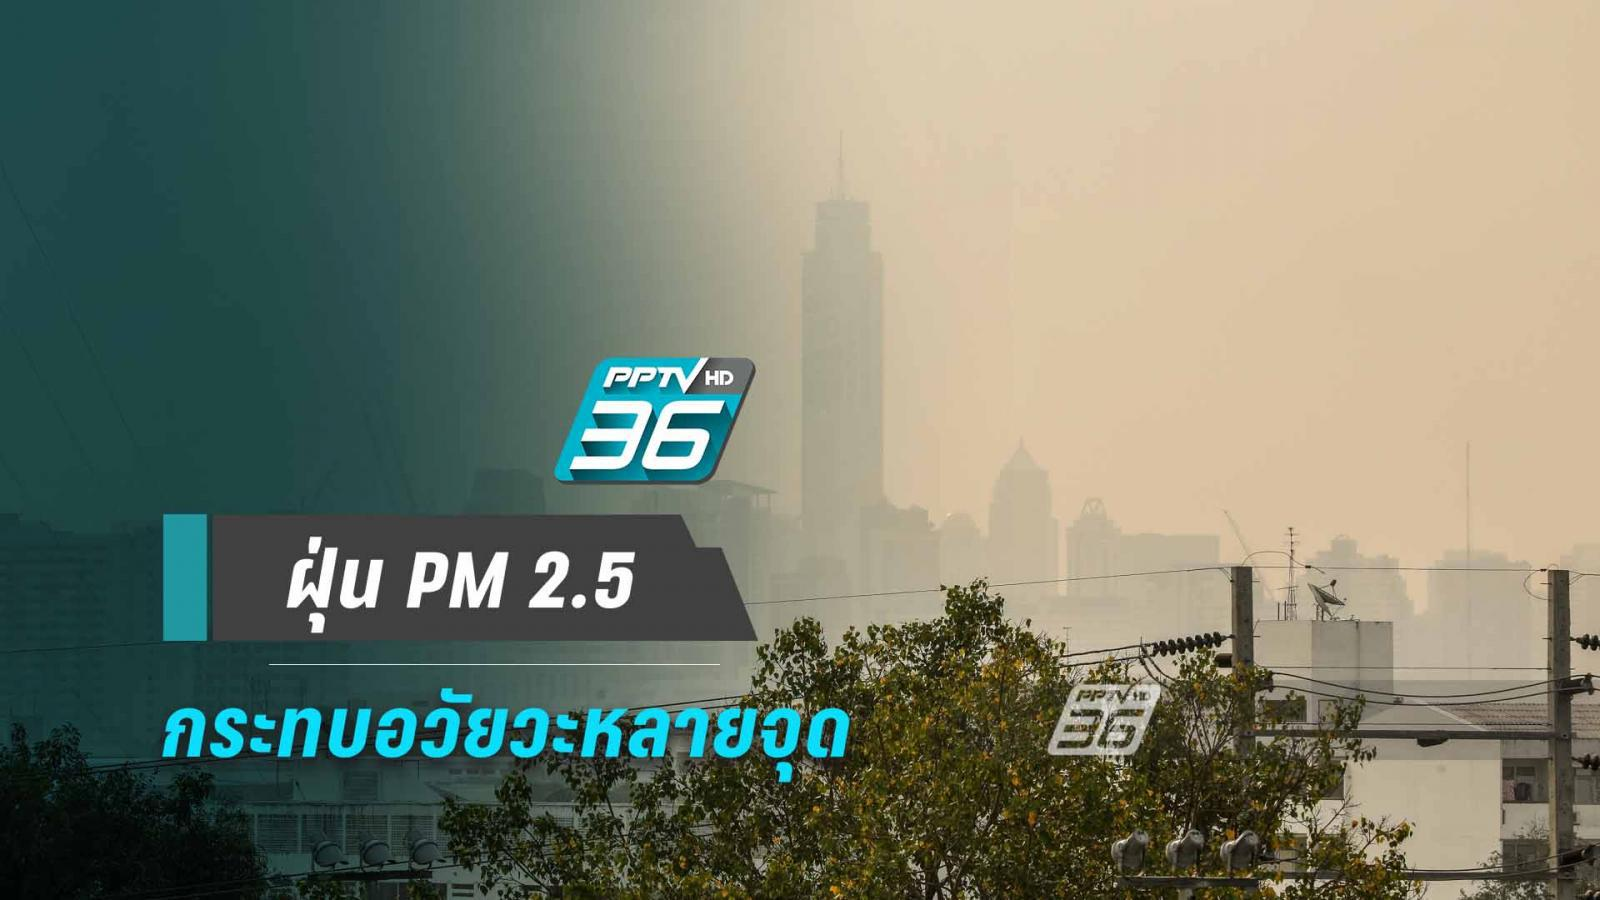 ฝุ่น PM 2.5 กระทบร่างกายหลายระบบ 'ทางเดินหายใจ-หัวใจ-ผิวหนัง'